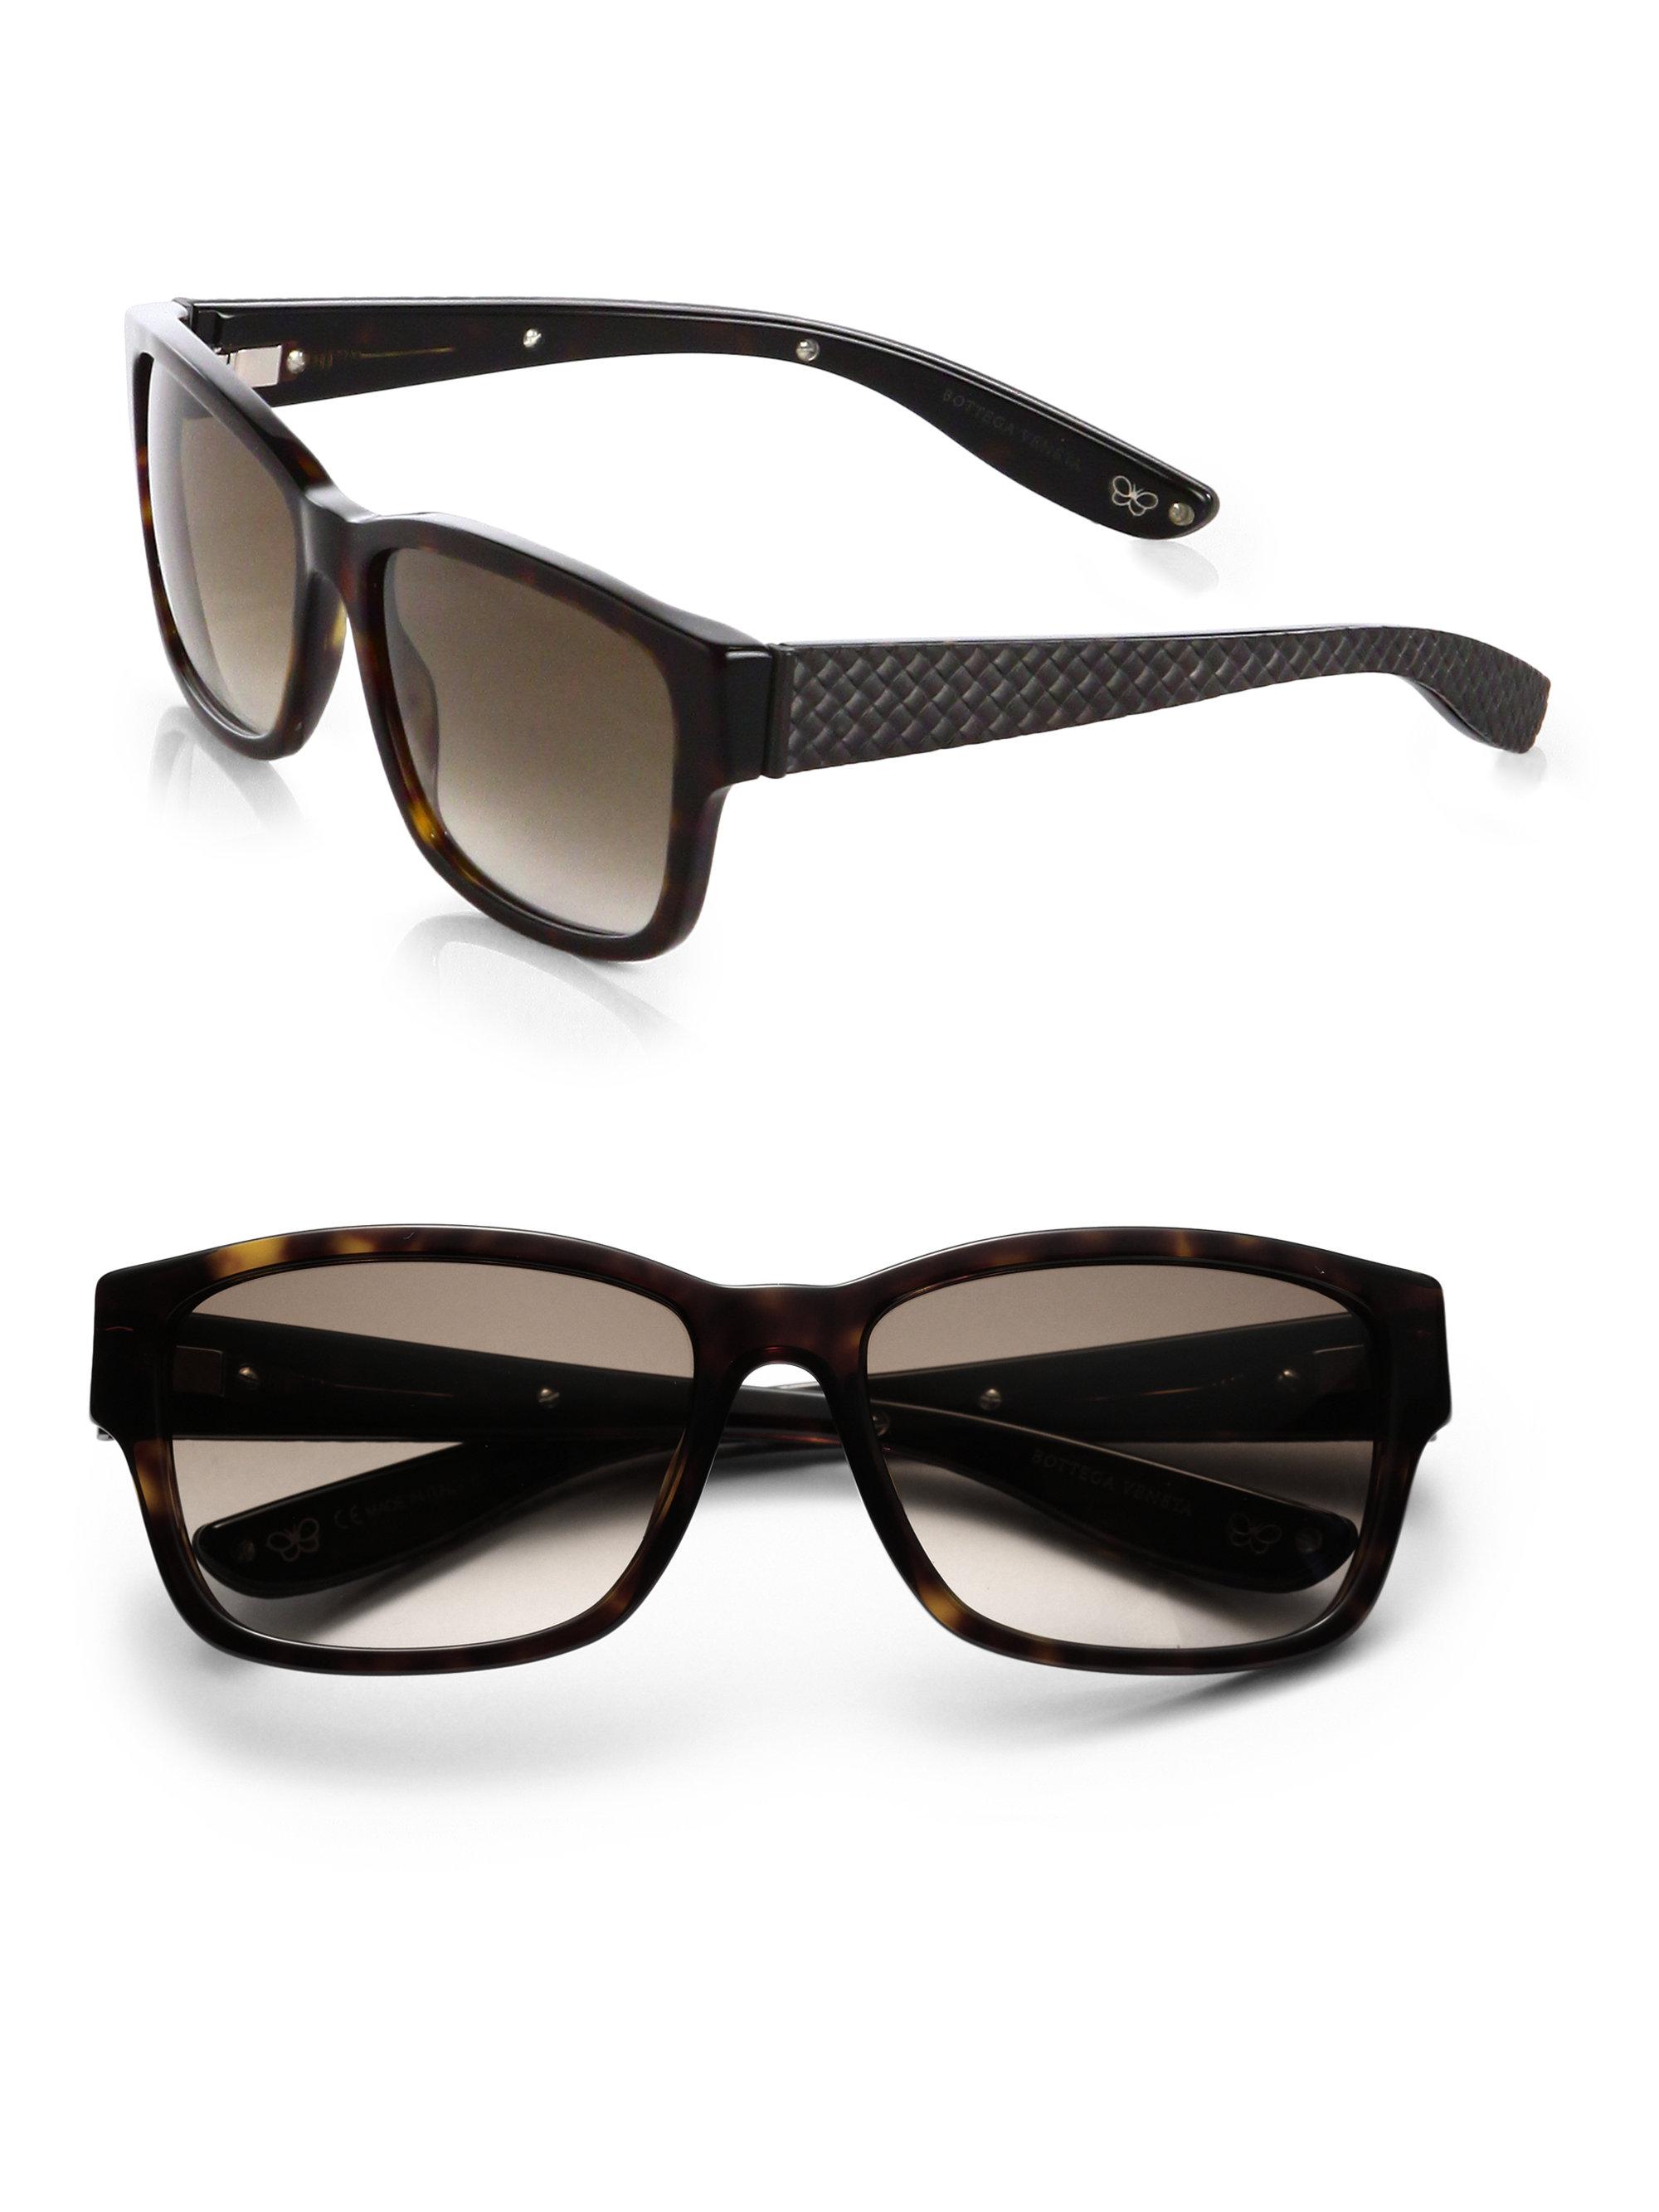 77bb1b27c6d0 Lyst - Bottega Veneta Acetate Woven Sunglasses in Brown for Men Bottega  Veneta BV0095S 002 Black Metal Frame ...